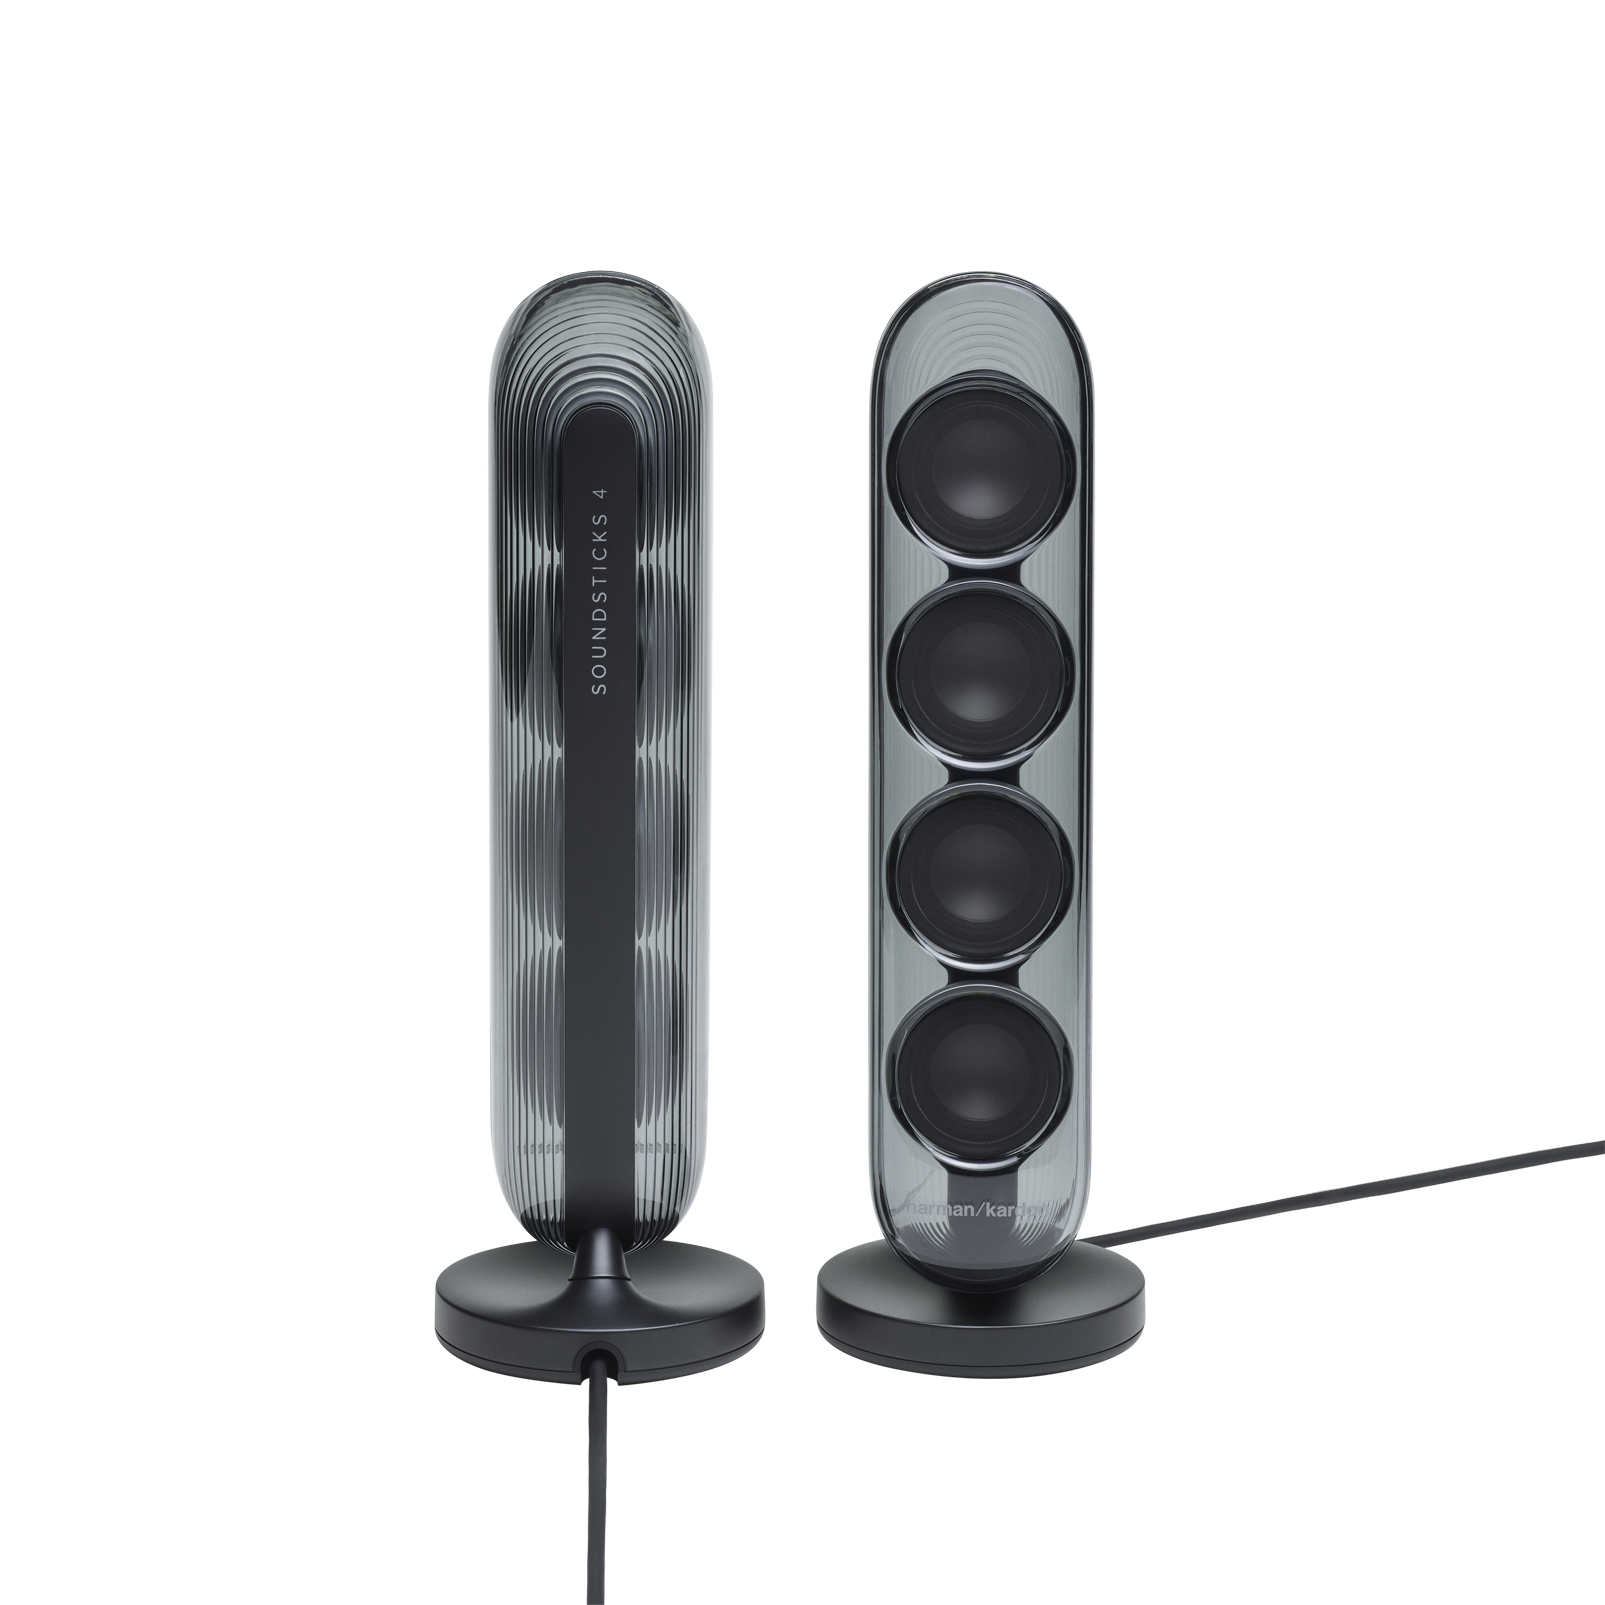 Harman Kardon SoundSticks 4 - Black - Bluetooth Speaker System - Detailshot 1